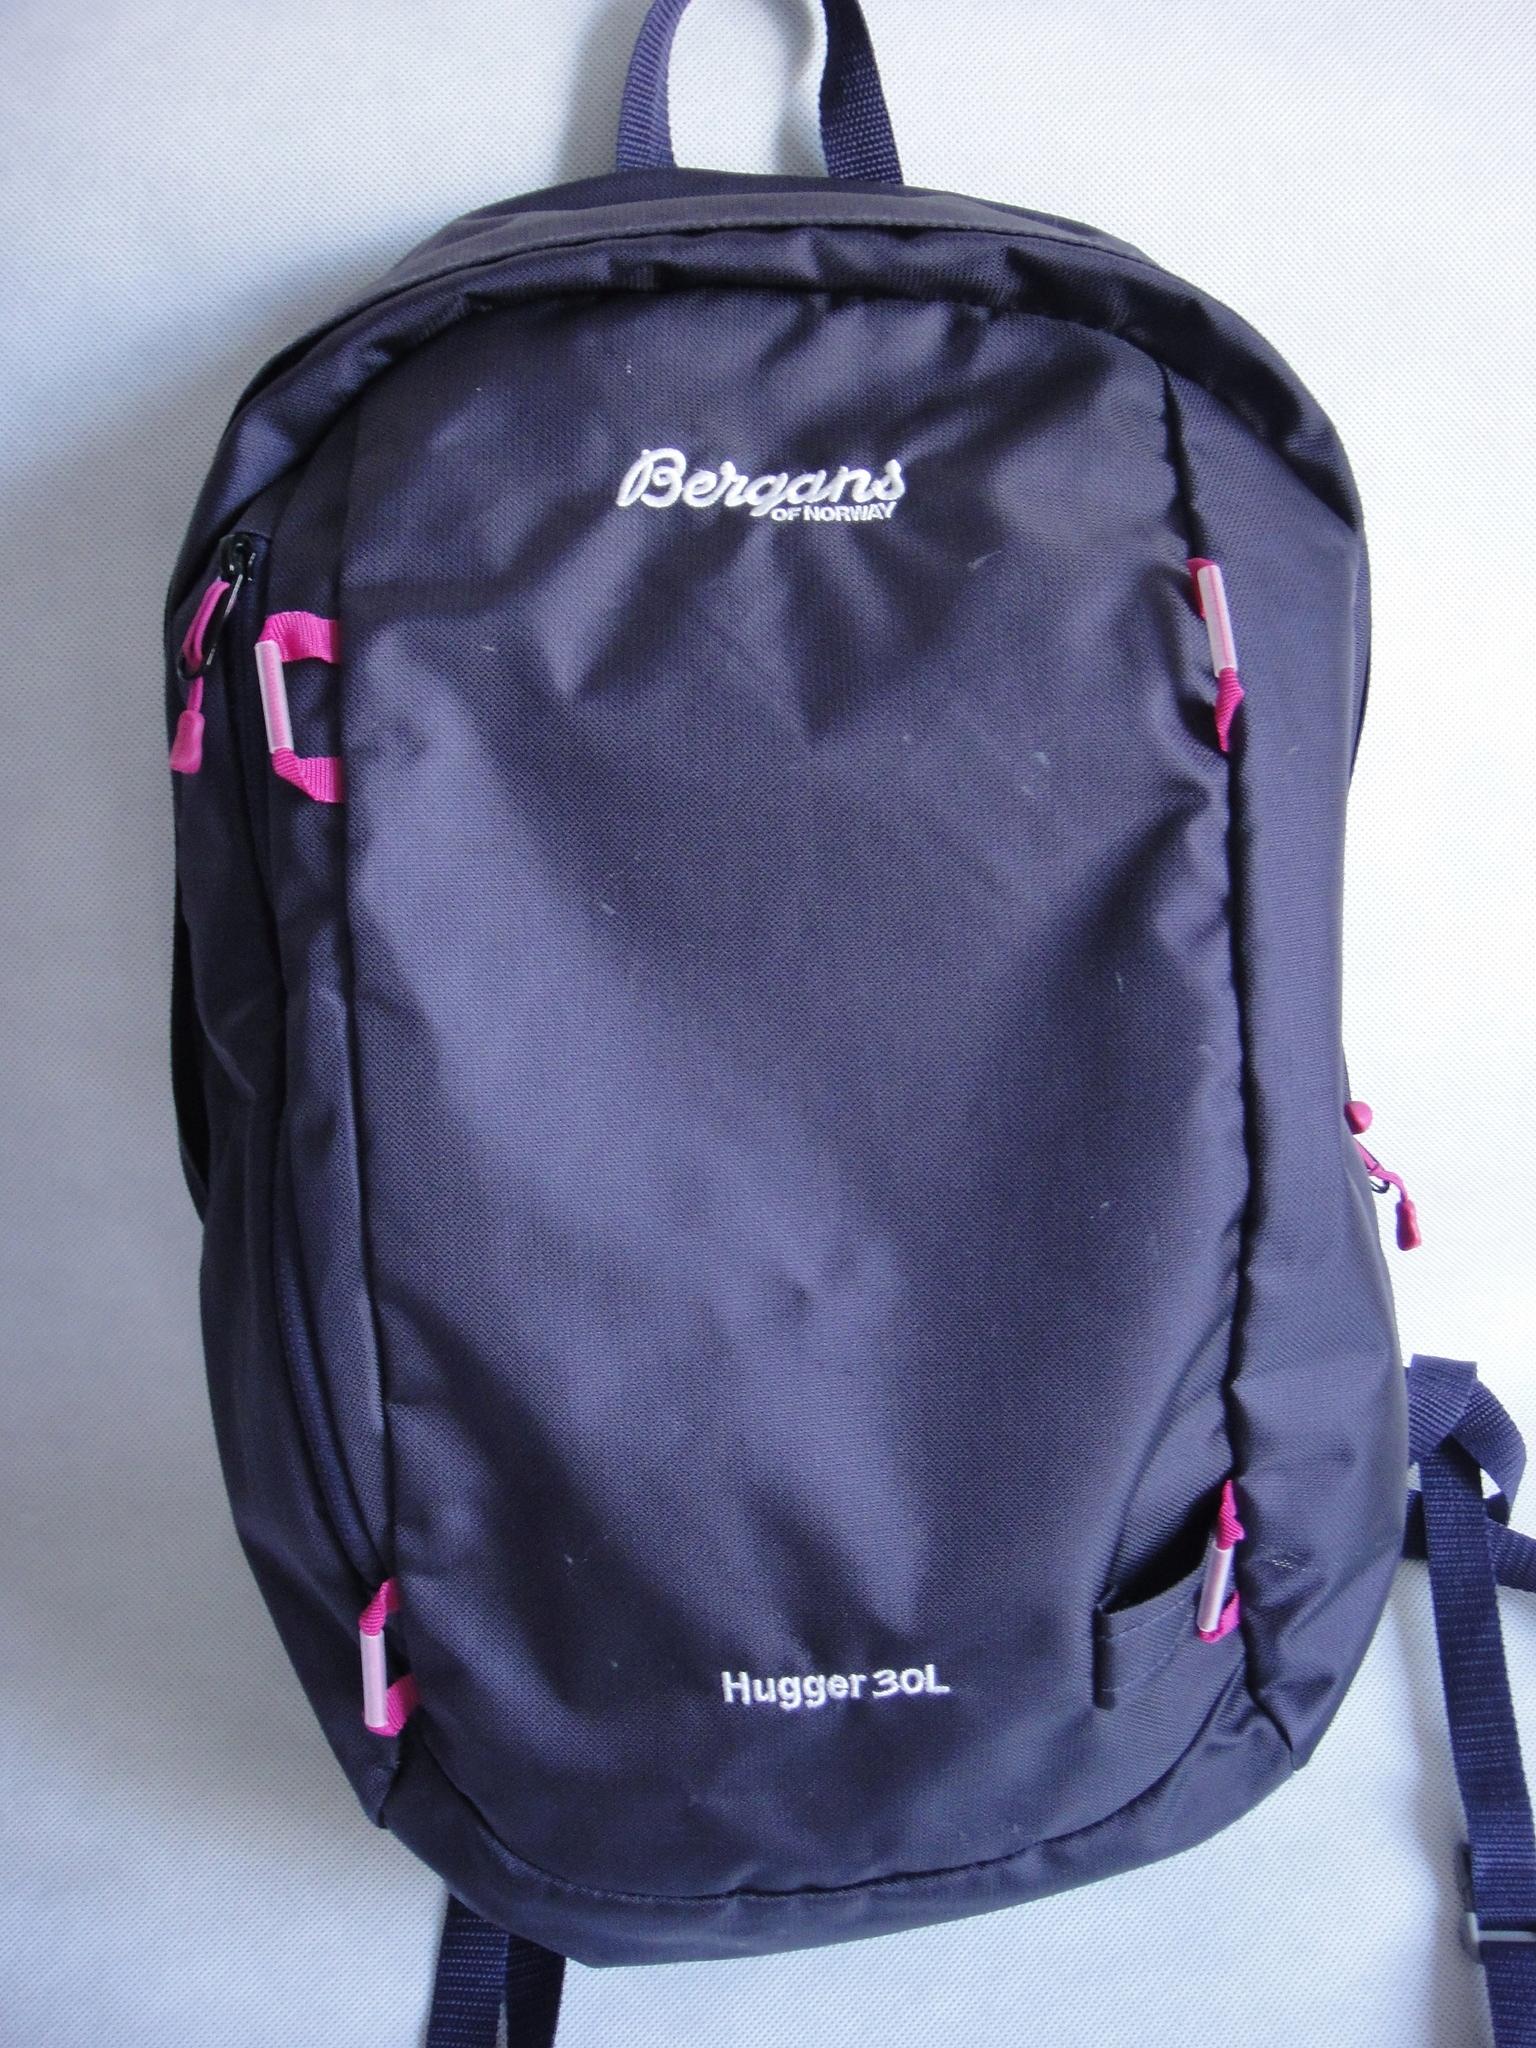 Plecak Trekkingowy Bergans Of Norway Hugger 30l